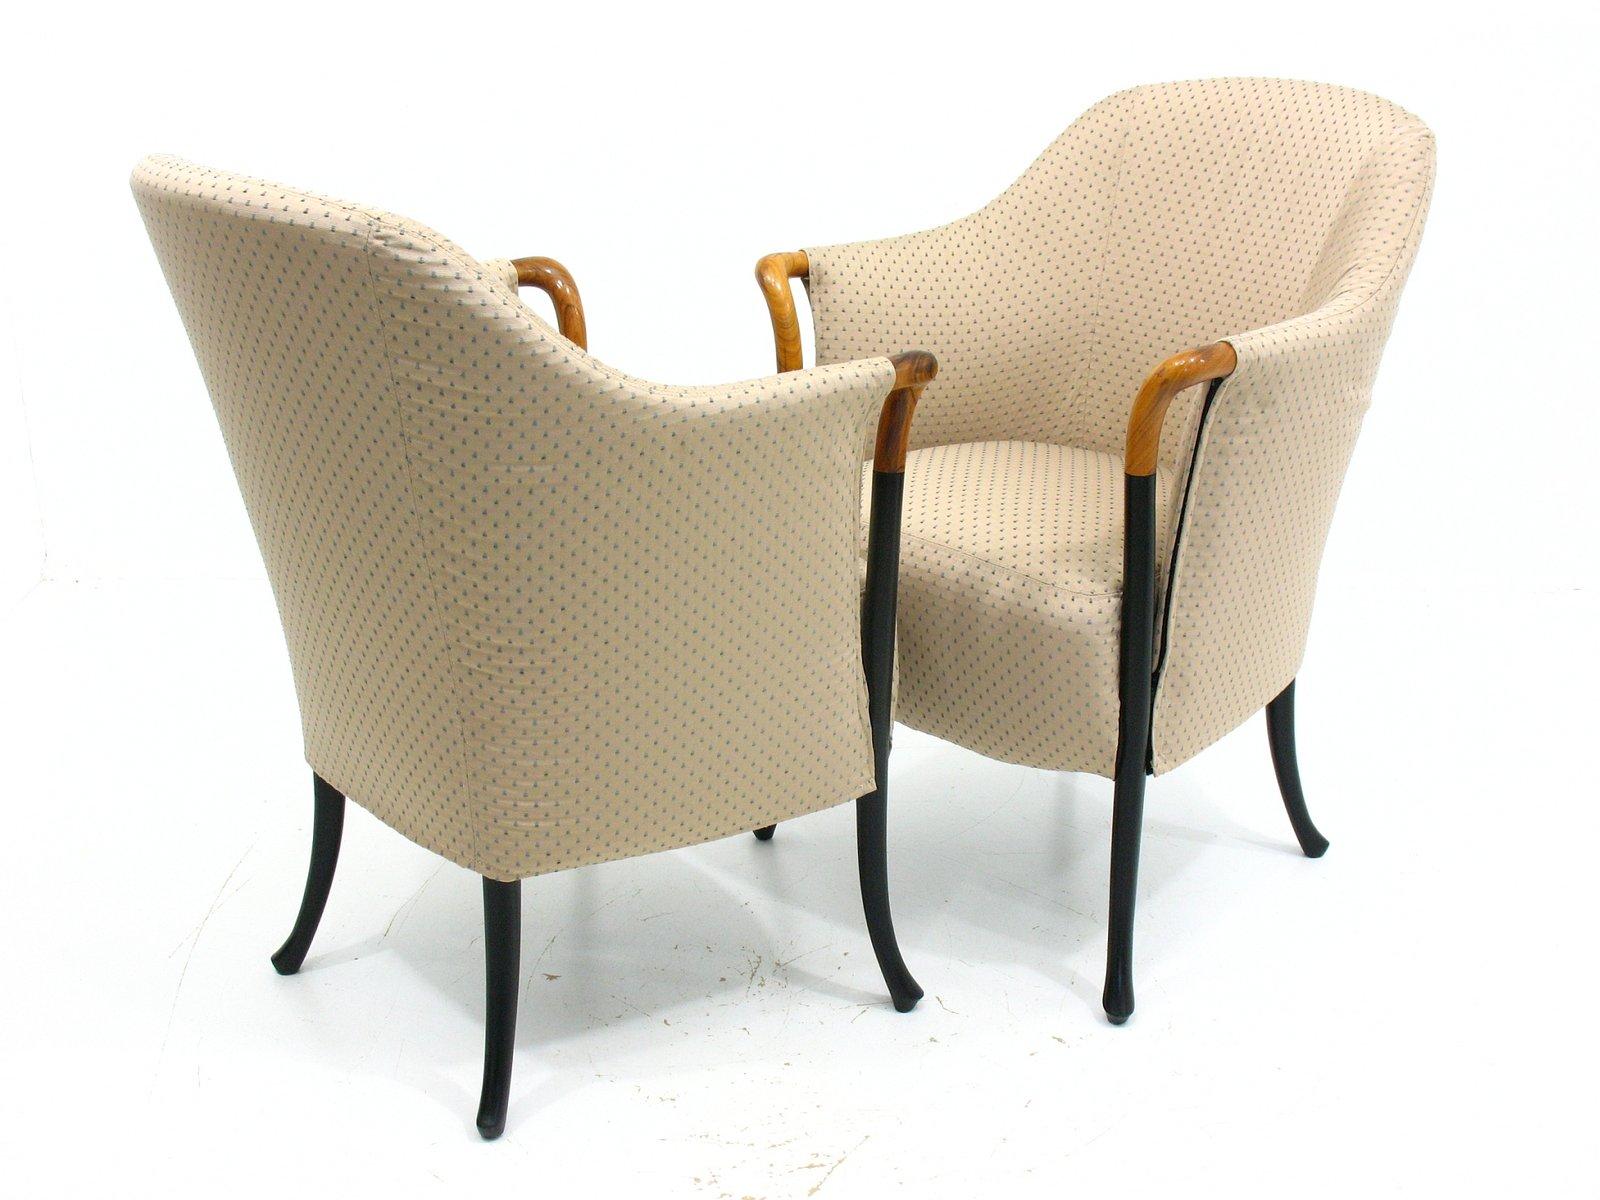 italienische vintage sessel von giorgetti 2er set bei pamono kaufen. Black Bedroom Furniture Sets. Home Design Ideas